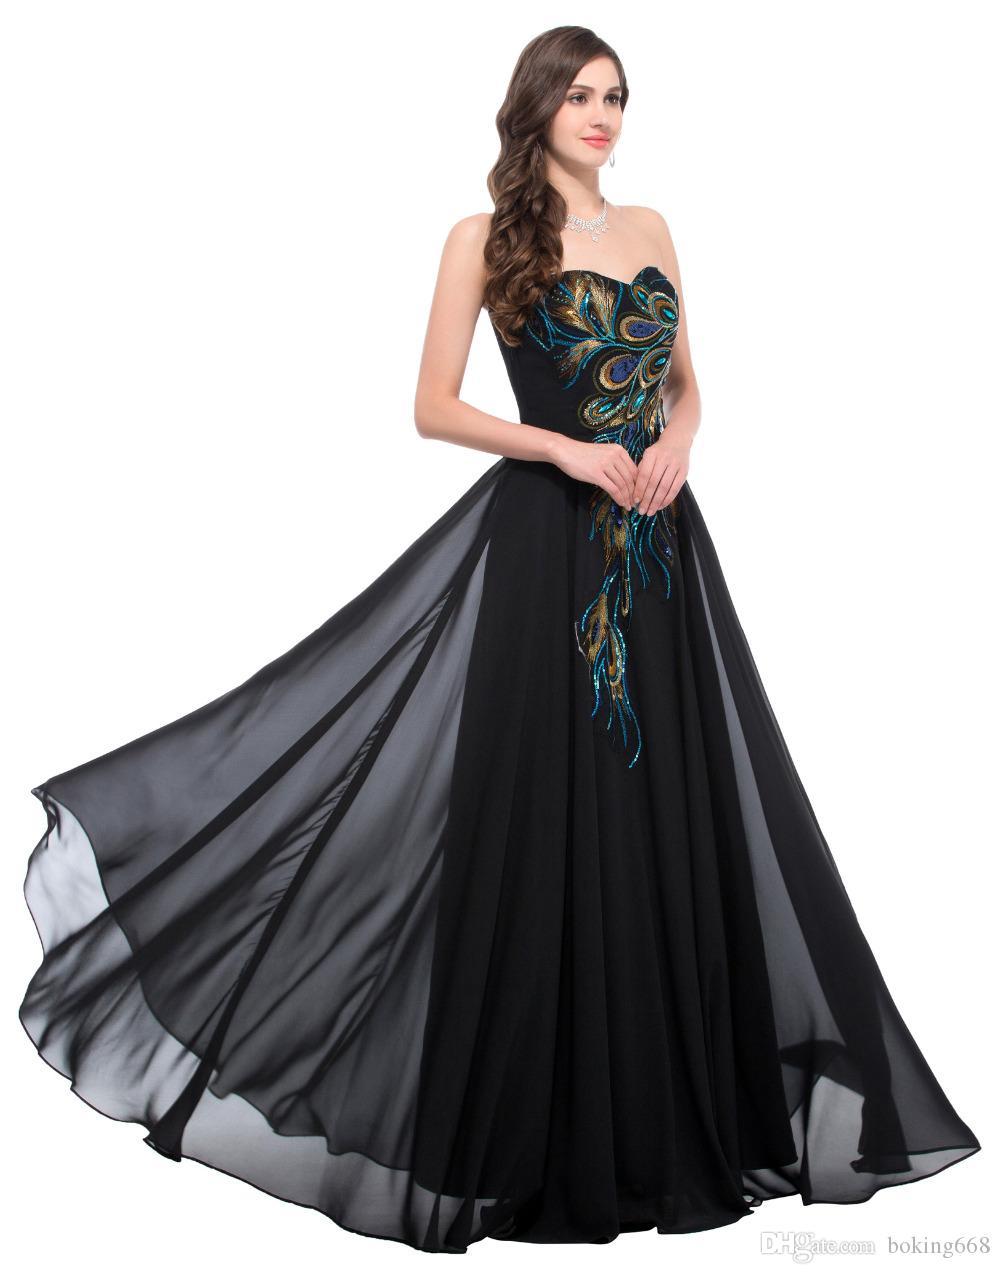 2018 long chiffon sweetheart strapless prom dress